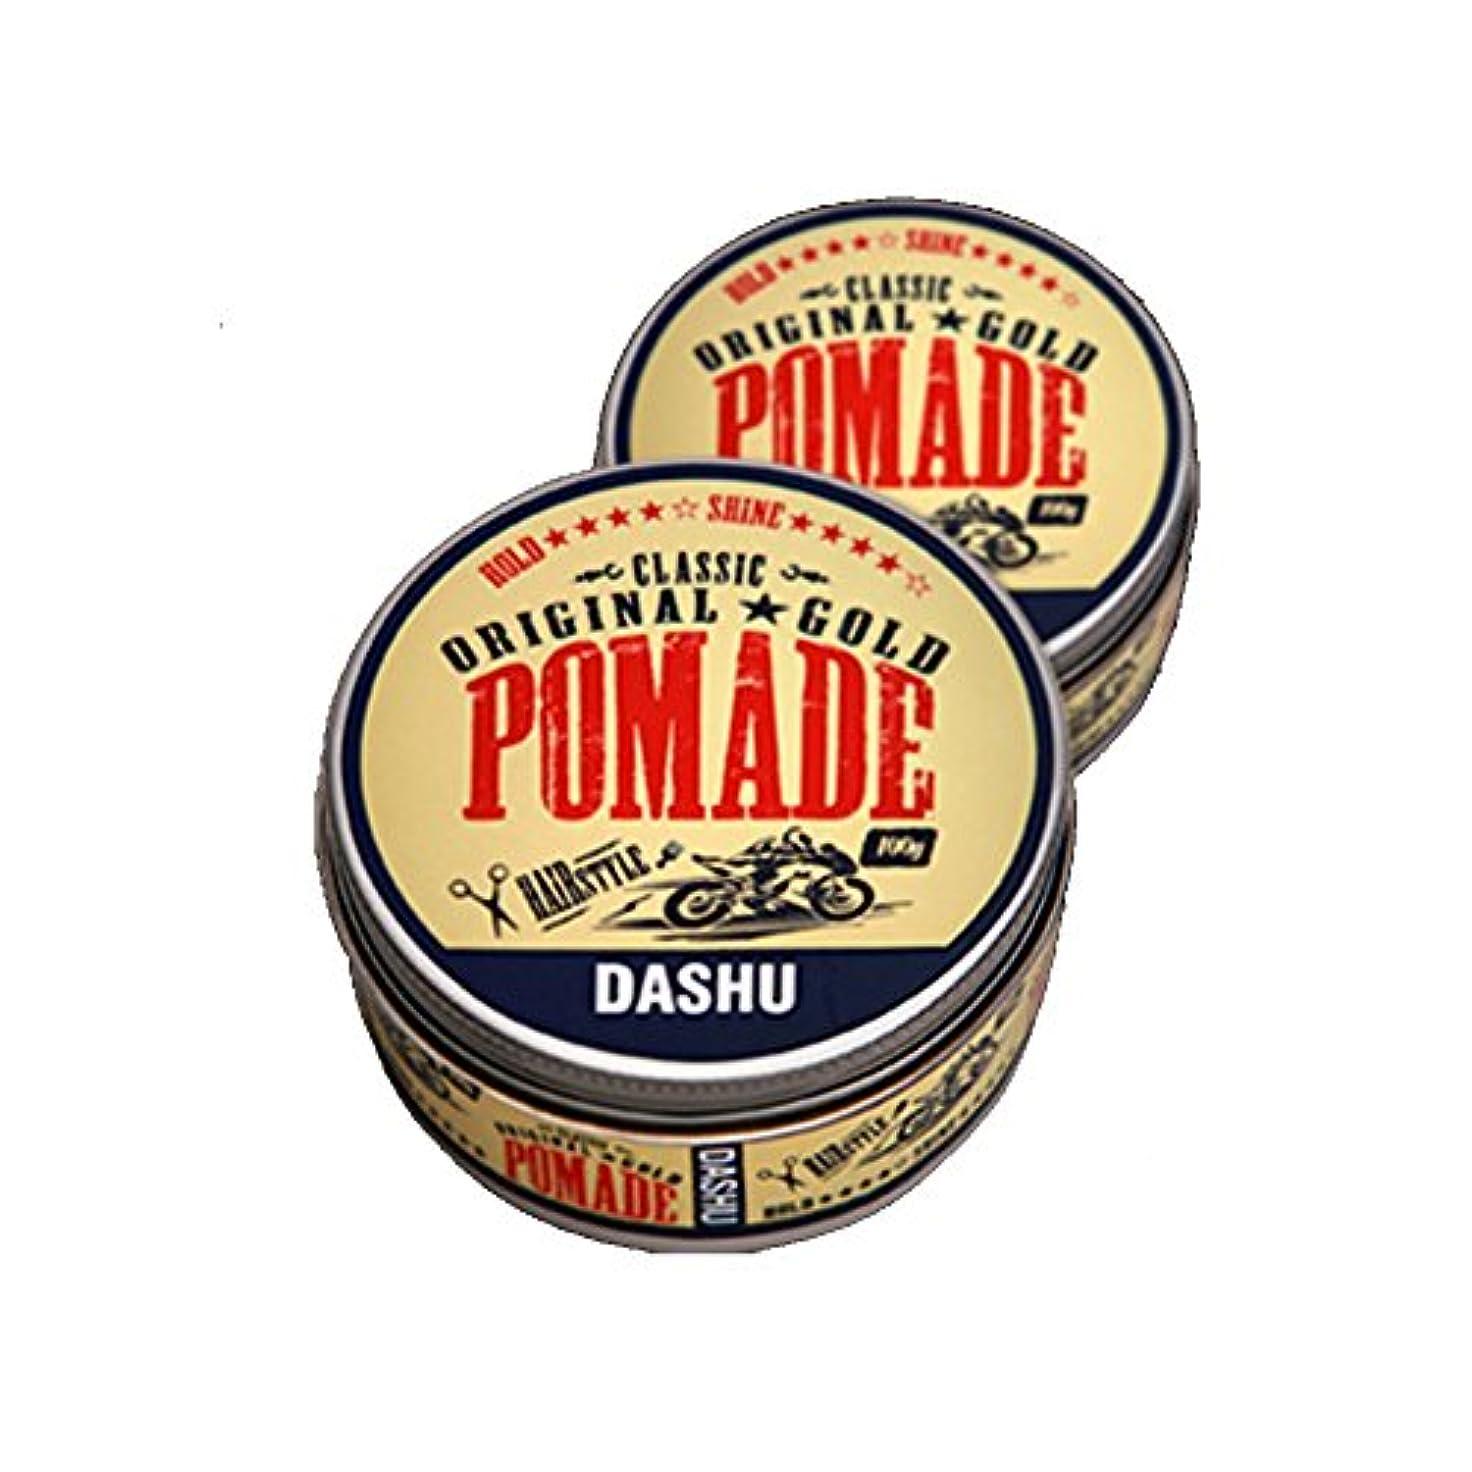 グラフィックおばさんゲスト(2個セット) x [DASHU] ダシュ クラシックオリジナルゴールドポマードヘアワックス Classic Original Gold Pomade Hair Wax 100ml / 韓国製 . 韓国直送品